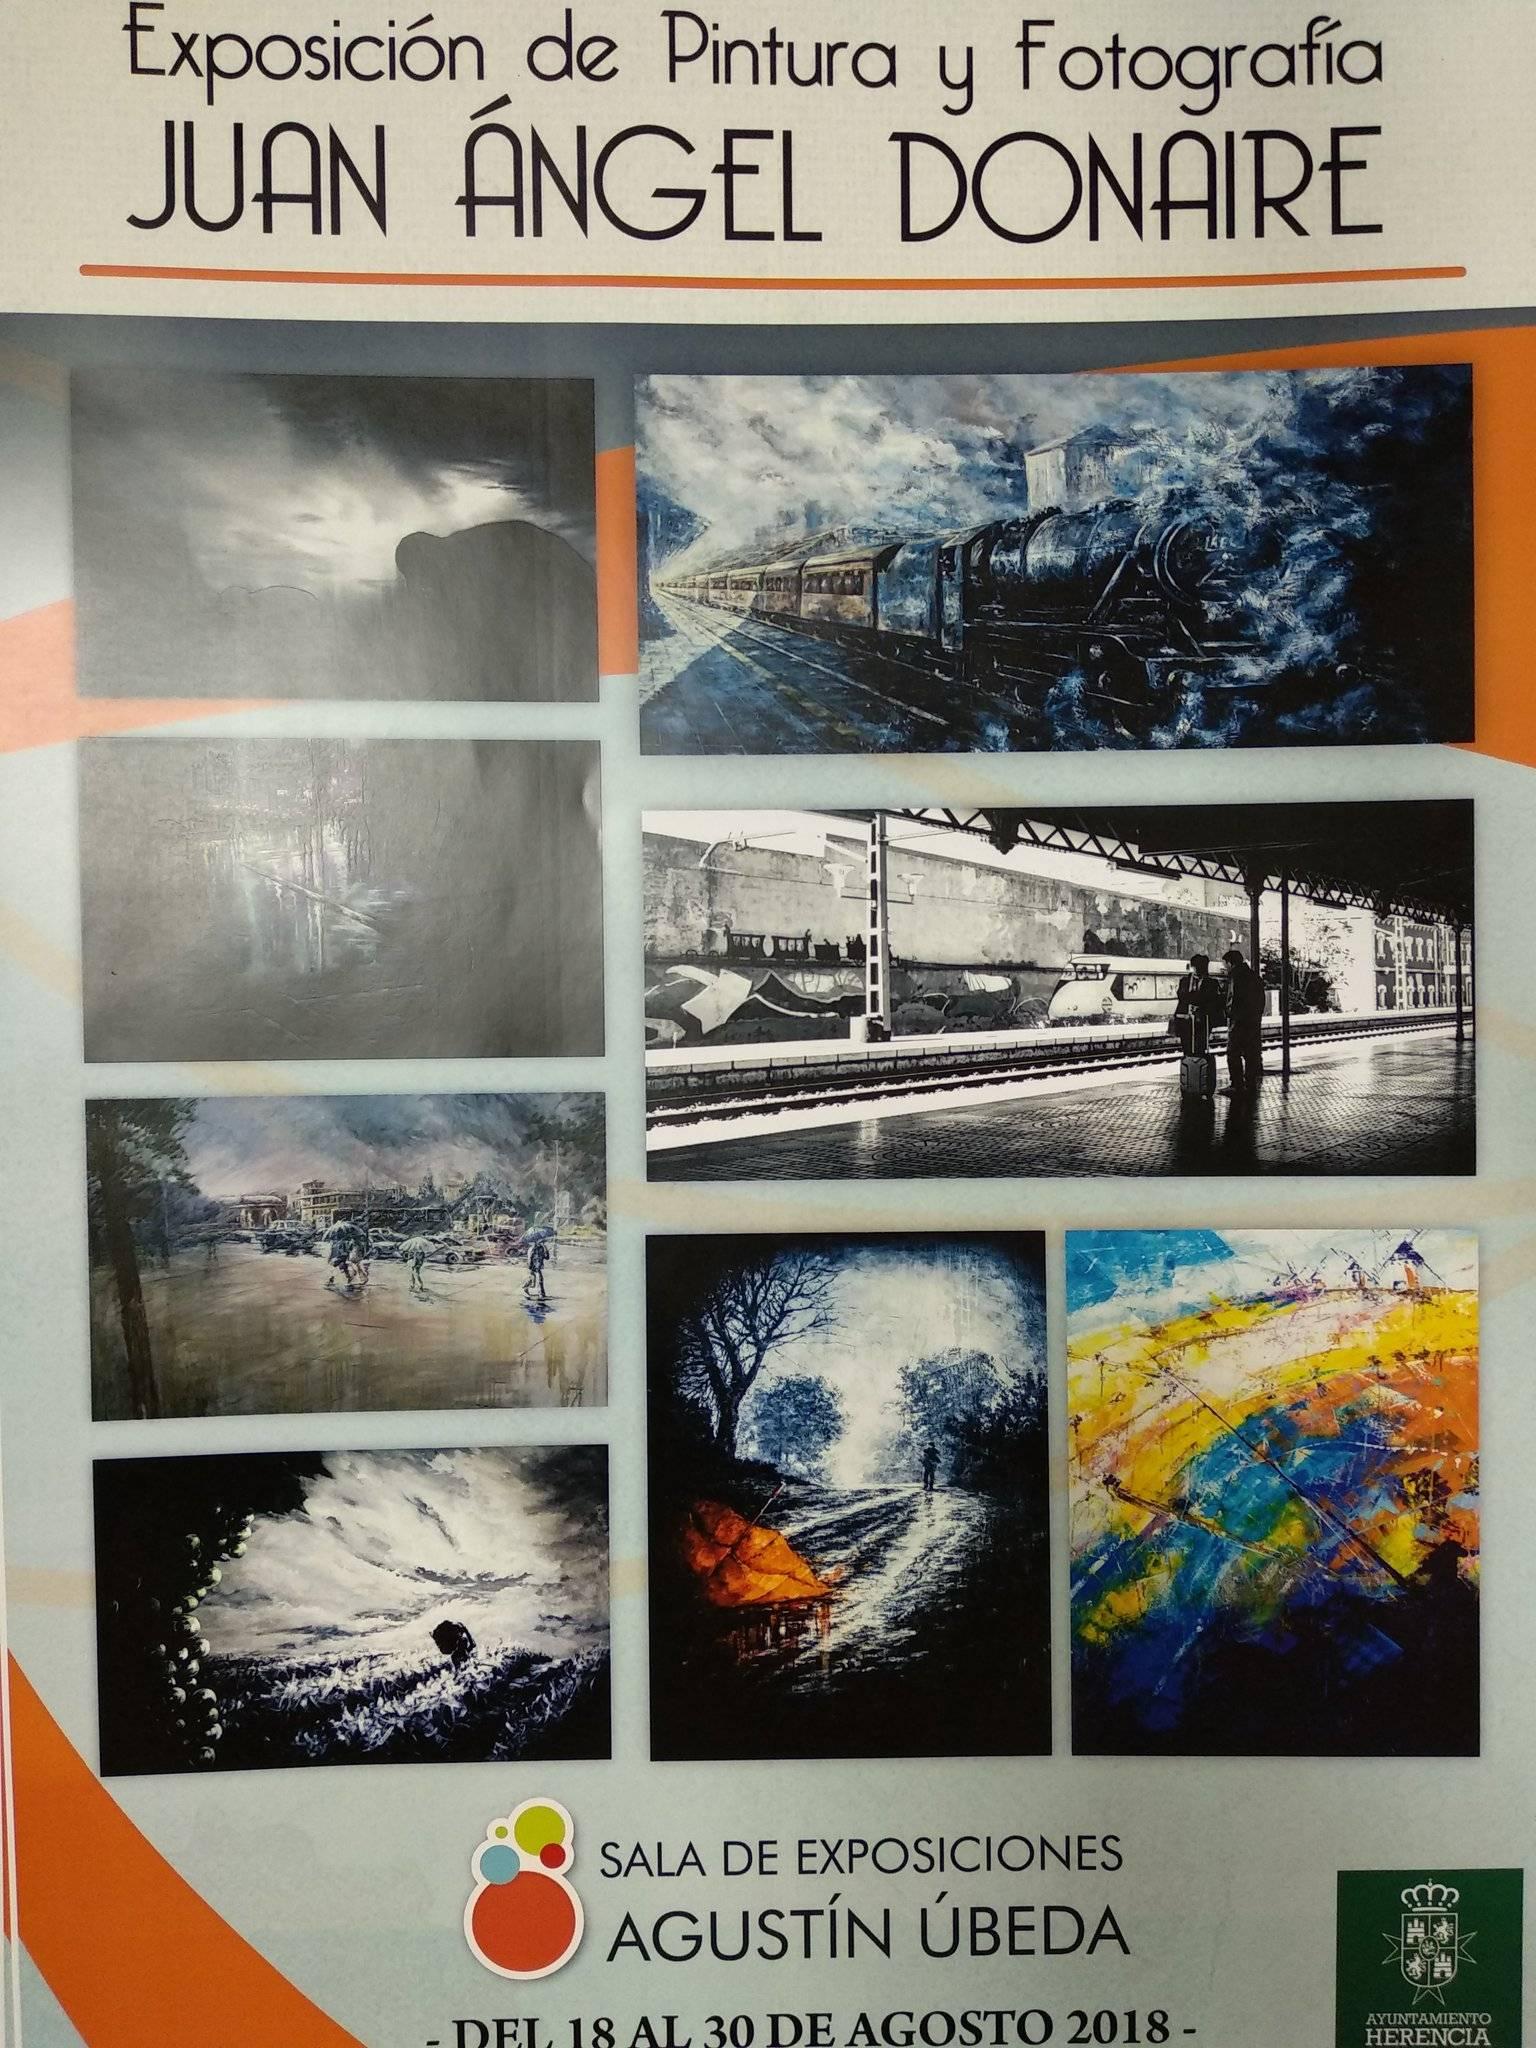 Exposición Juan Angel Donaire en Herencia - El artista Juan Ángel Donaire expone fotografía y pintura en Herencia